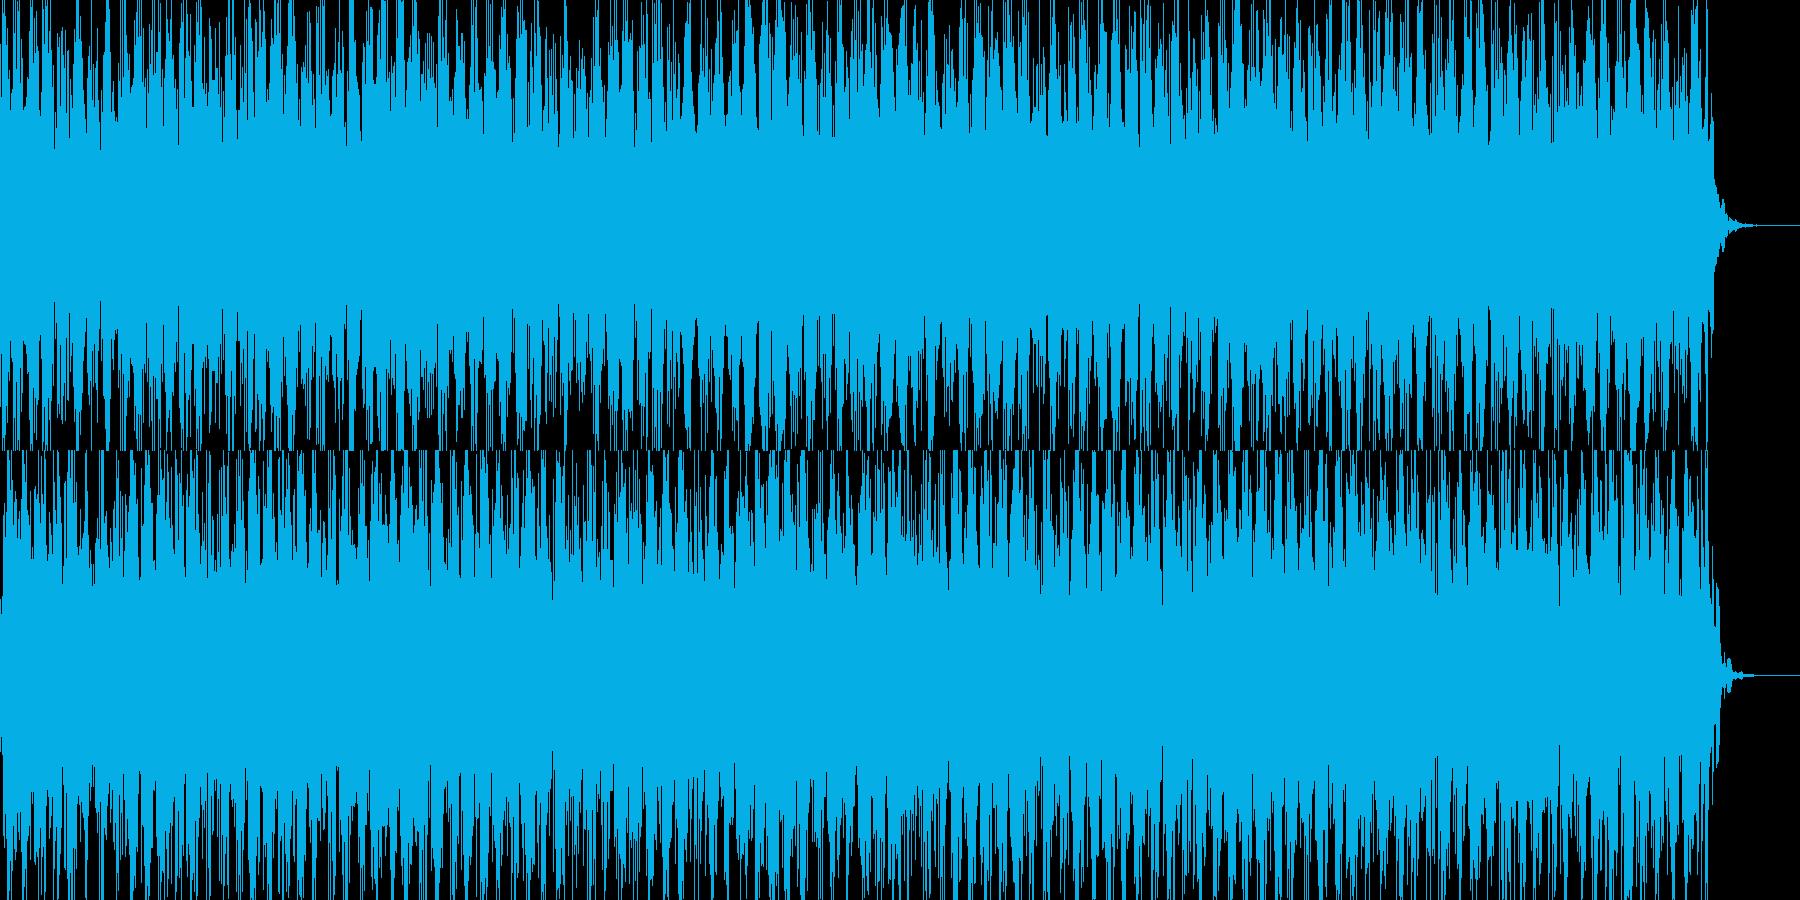 謎、疑念をイメージするショートサウドの再生済みの波形